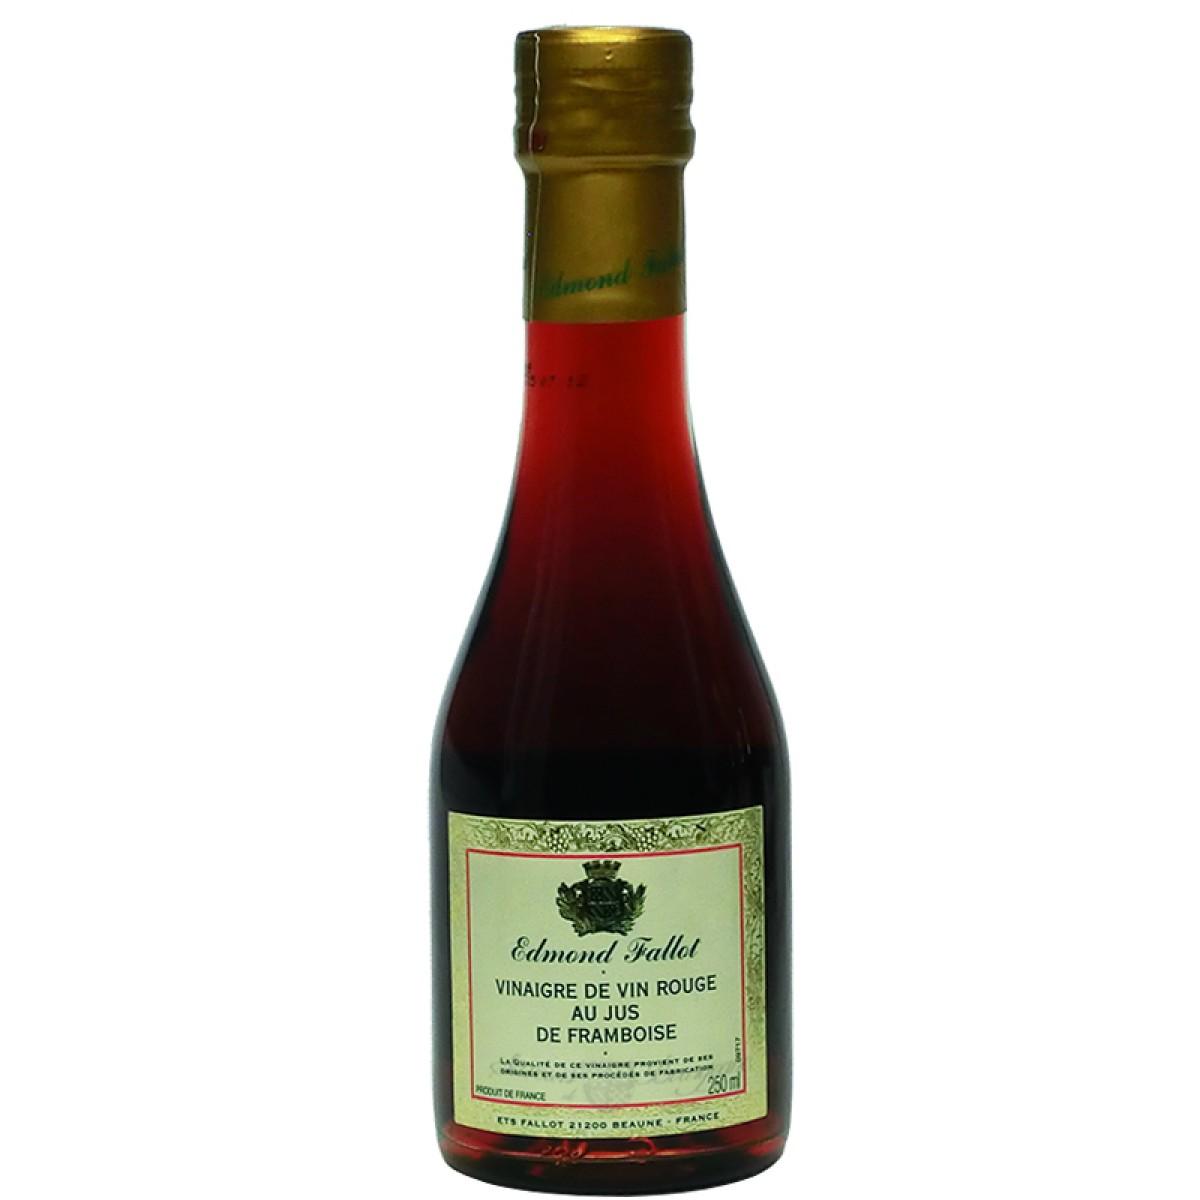 Vinaigre de vin rouge au jus framboise 250ml fallot saveurs de bourgogne - Moutarde fallot visite ...